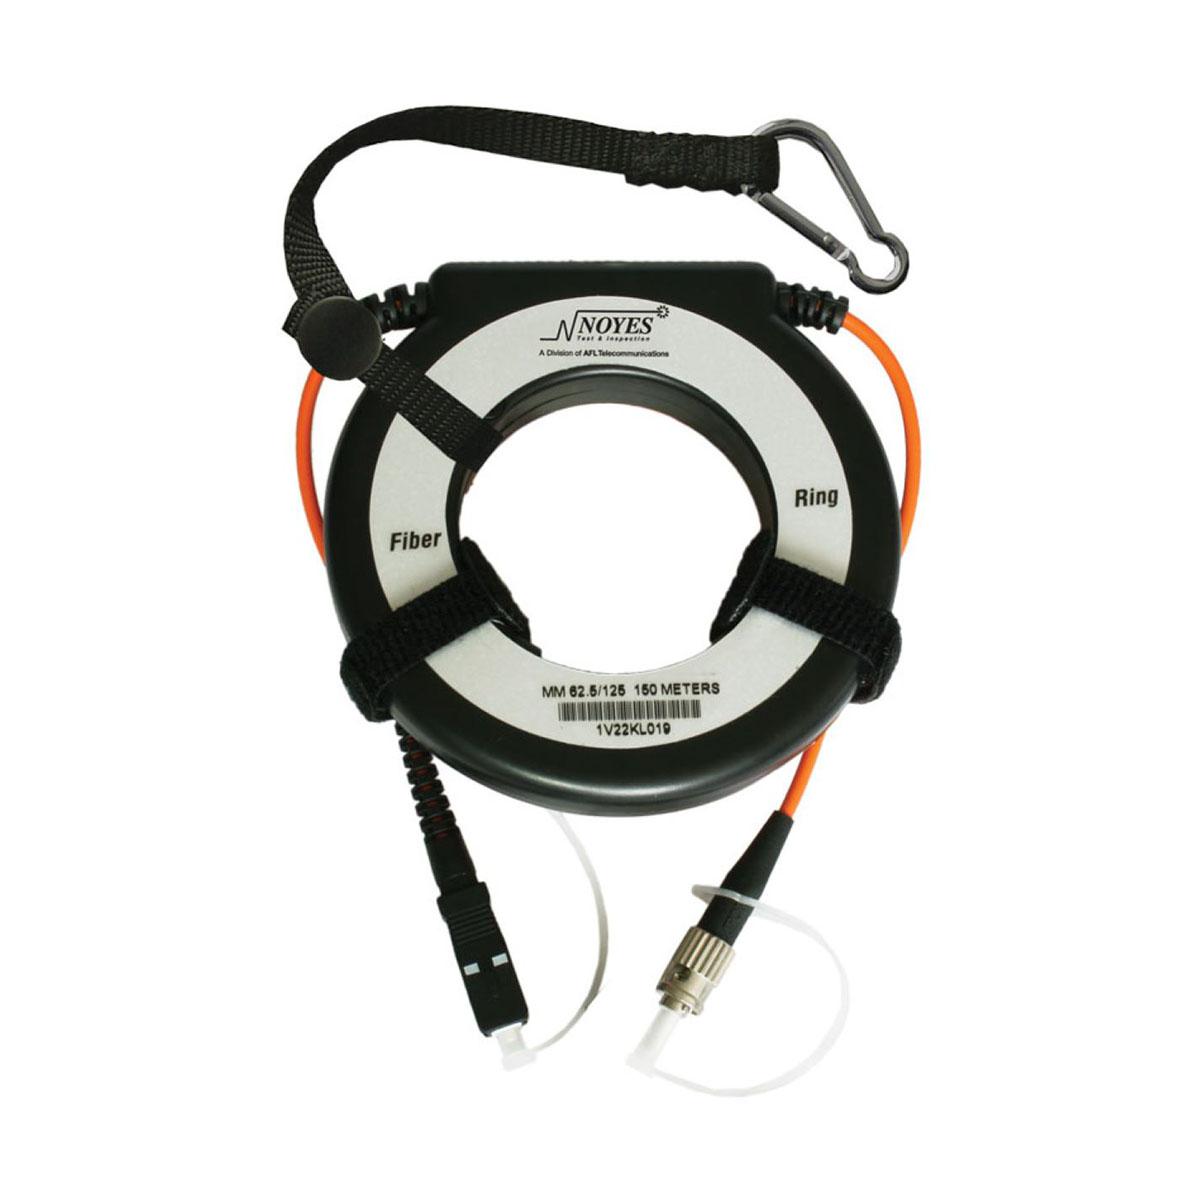 Bobina de fibra óptica MM AFL para OTDR FR1-OM4-150-x1-x2